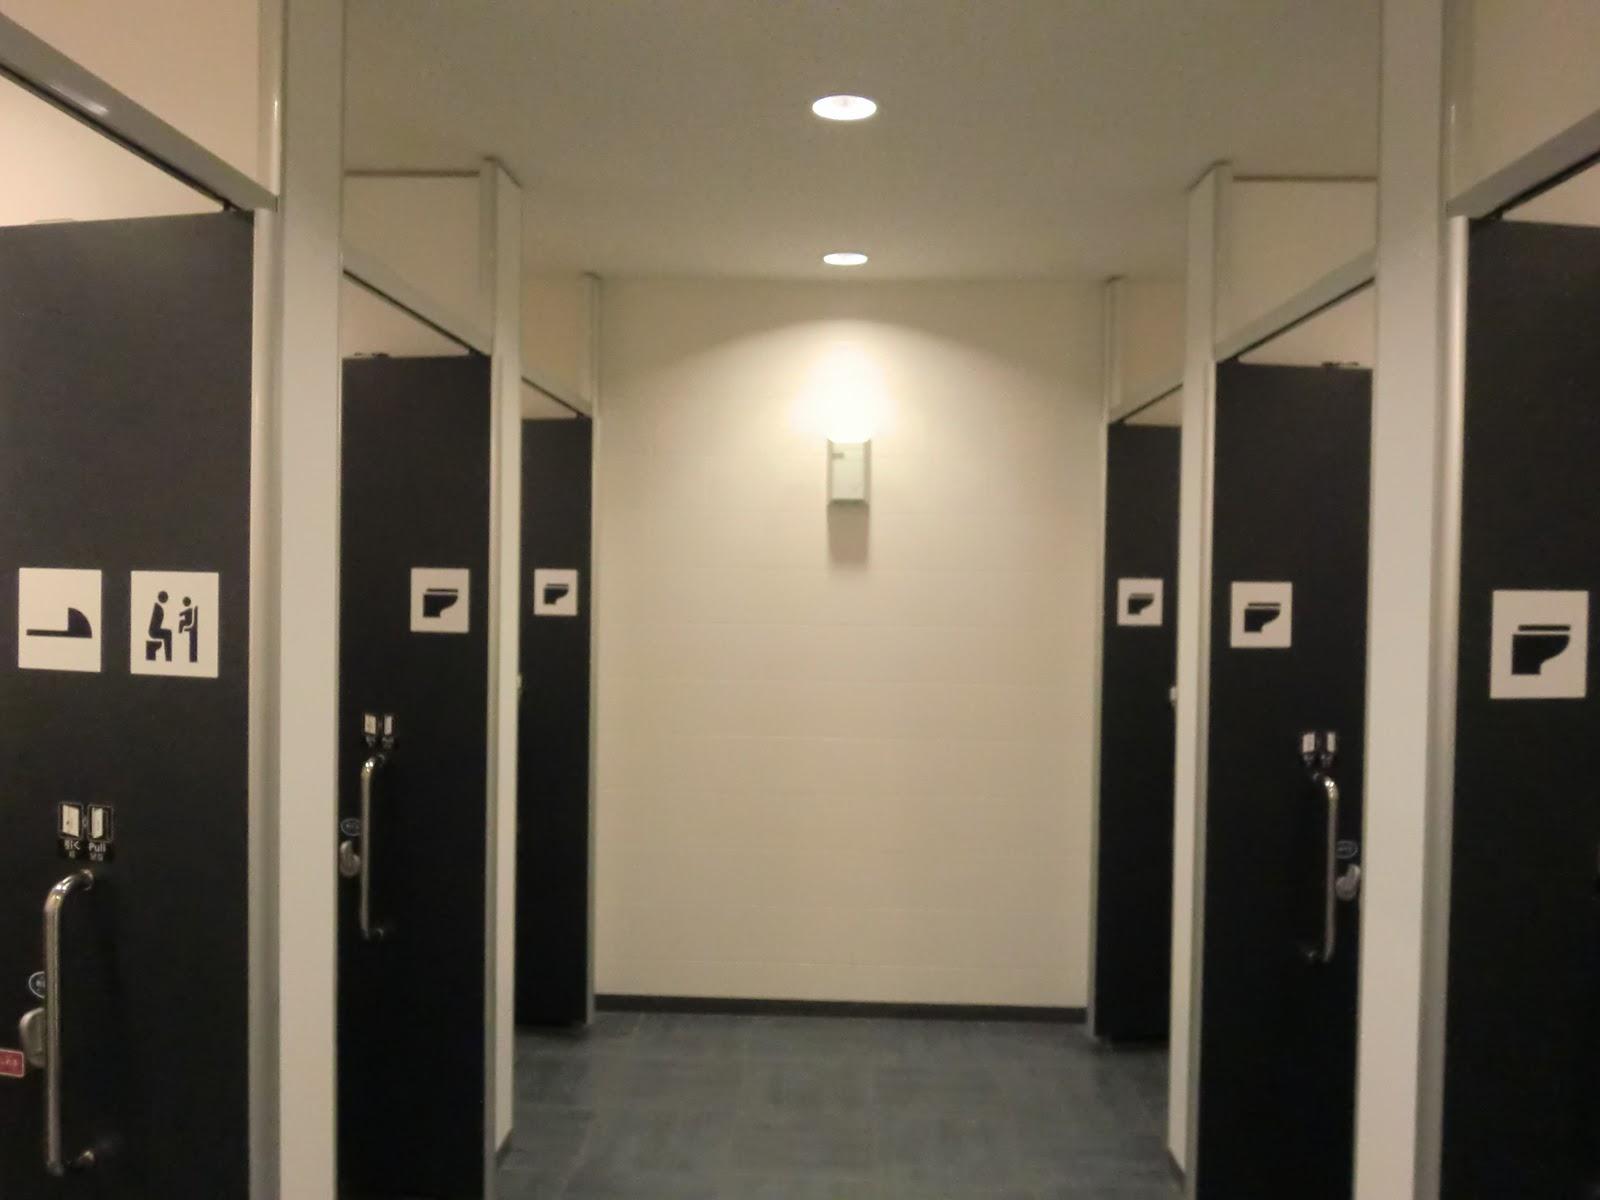 Baño Japones Moderno:Un Mexicano en Japón: Baños en Japón 日本のお手洗い